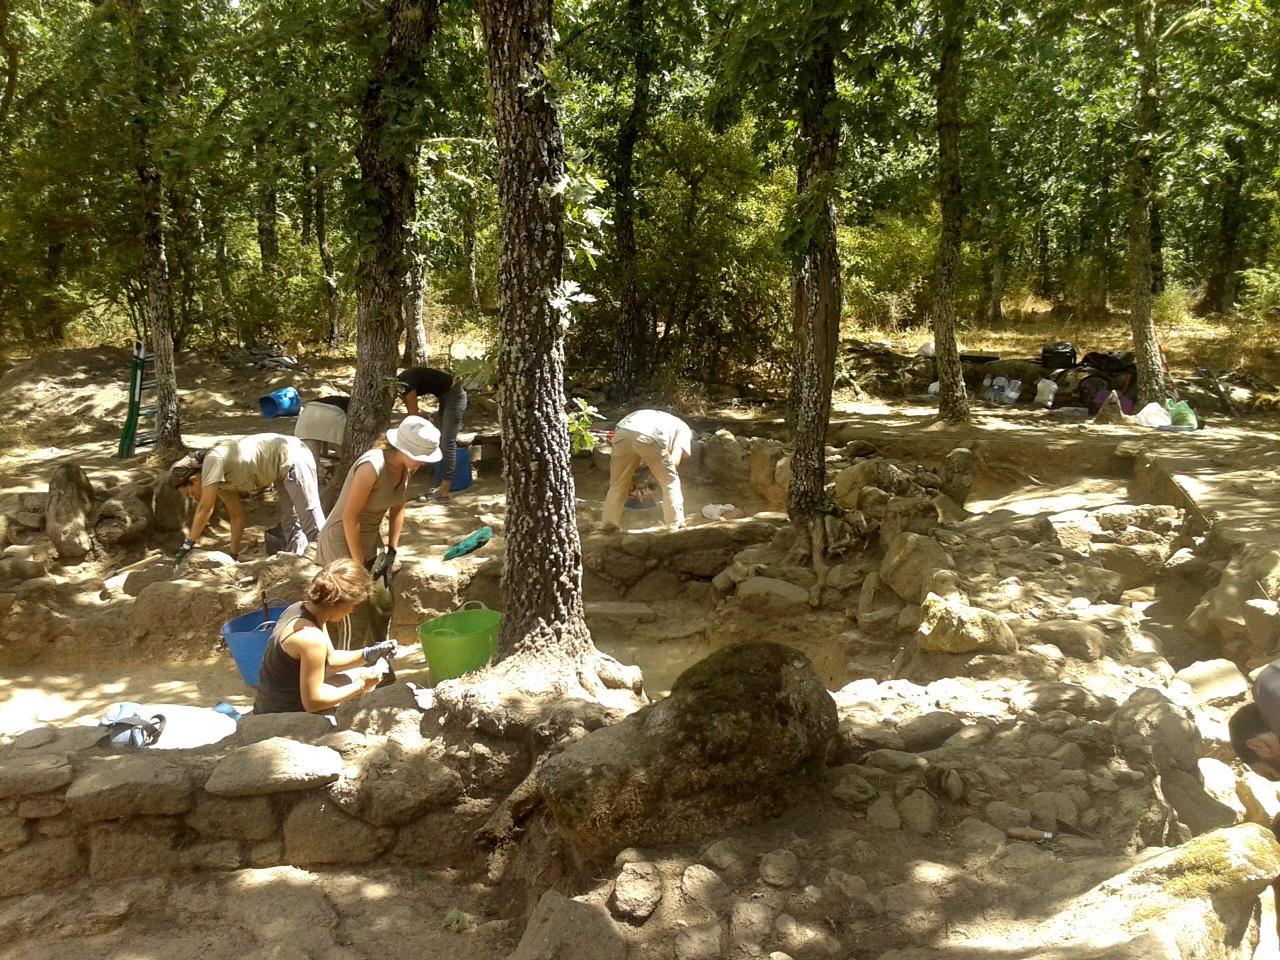 La campaña de la Universidad de Salamanca en el yacimiento de 'La Genestosa' confirma la existencia de una ocupación romana altoimperial de los siglos I-II d.C